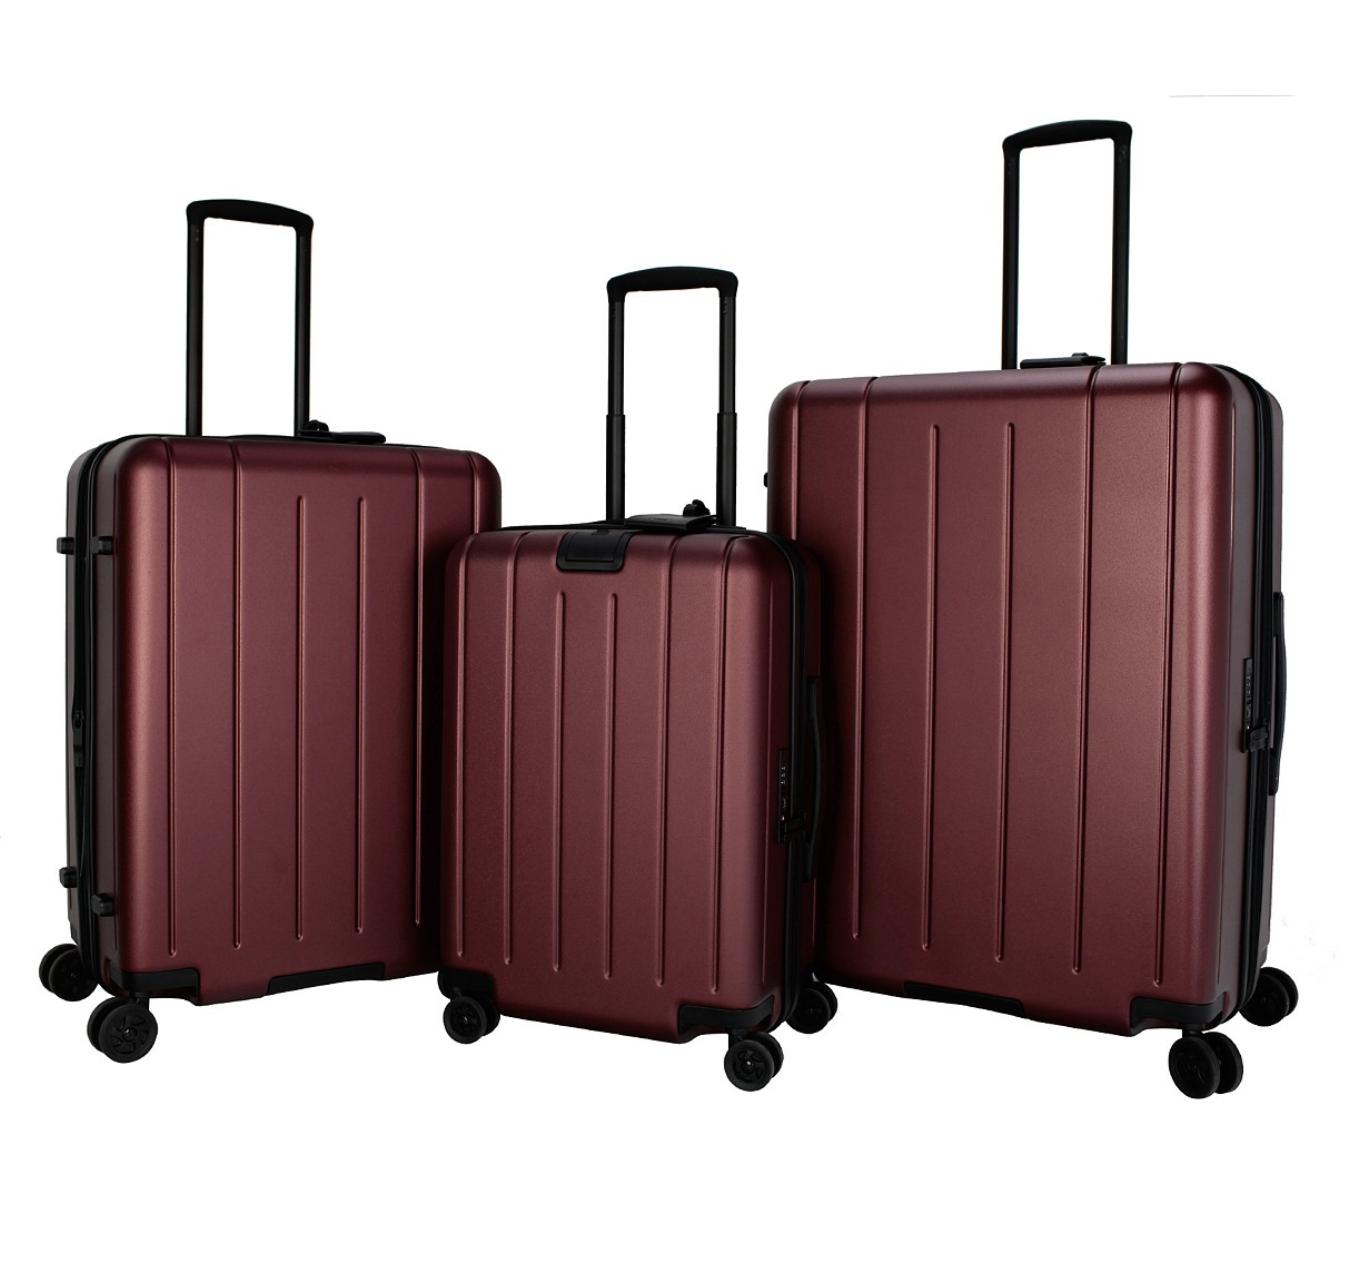 Trips hardside luggage set